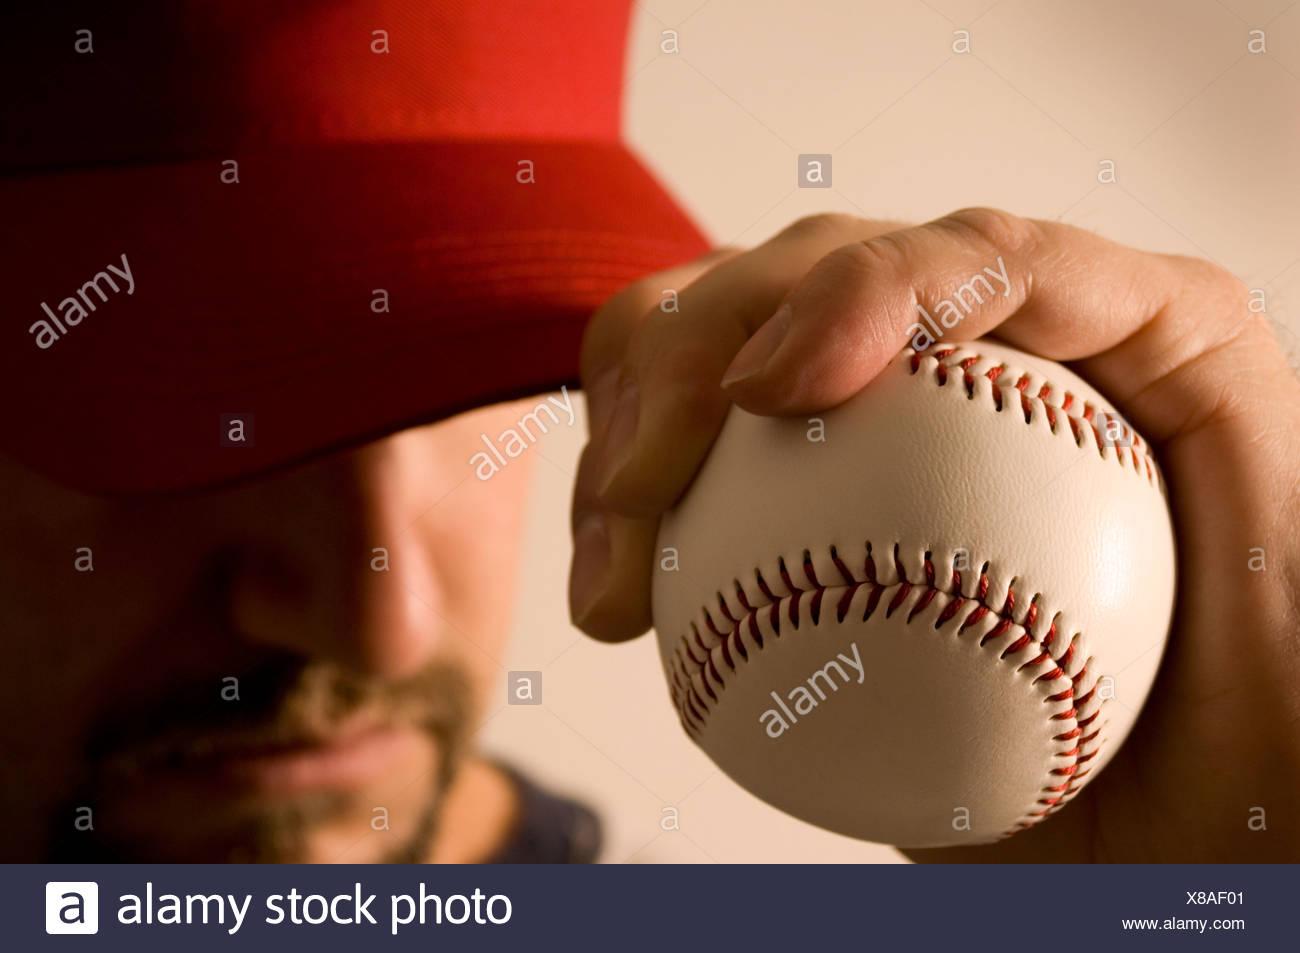 Baseball player - Stock Image